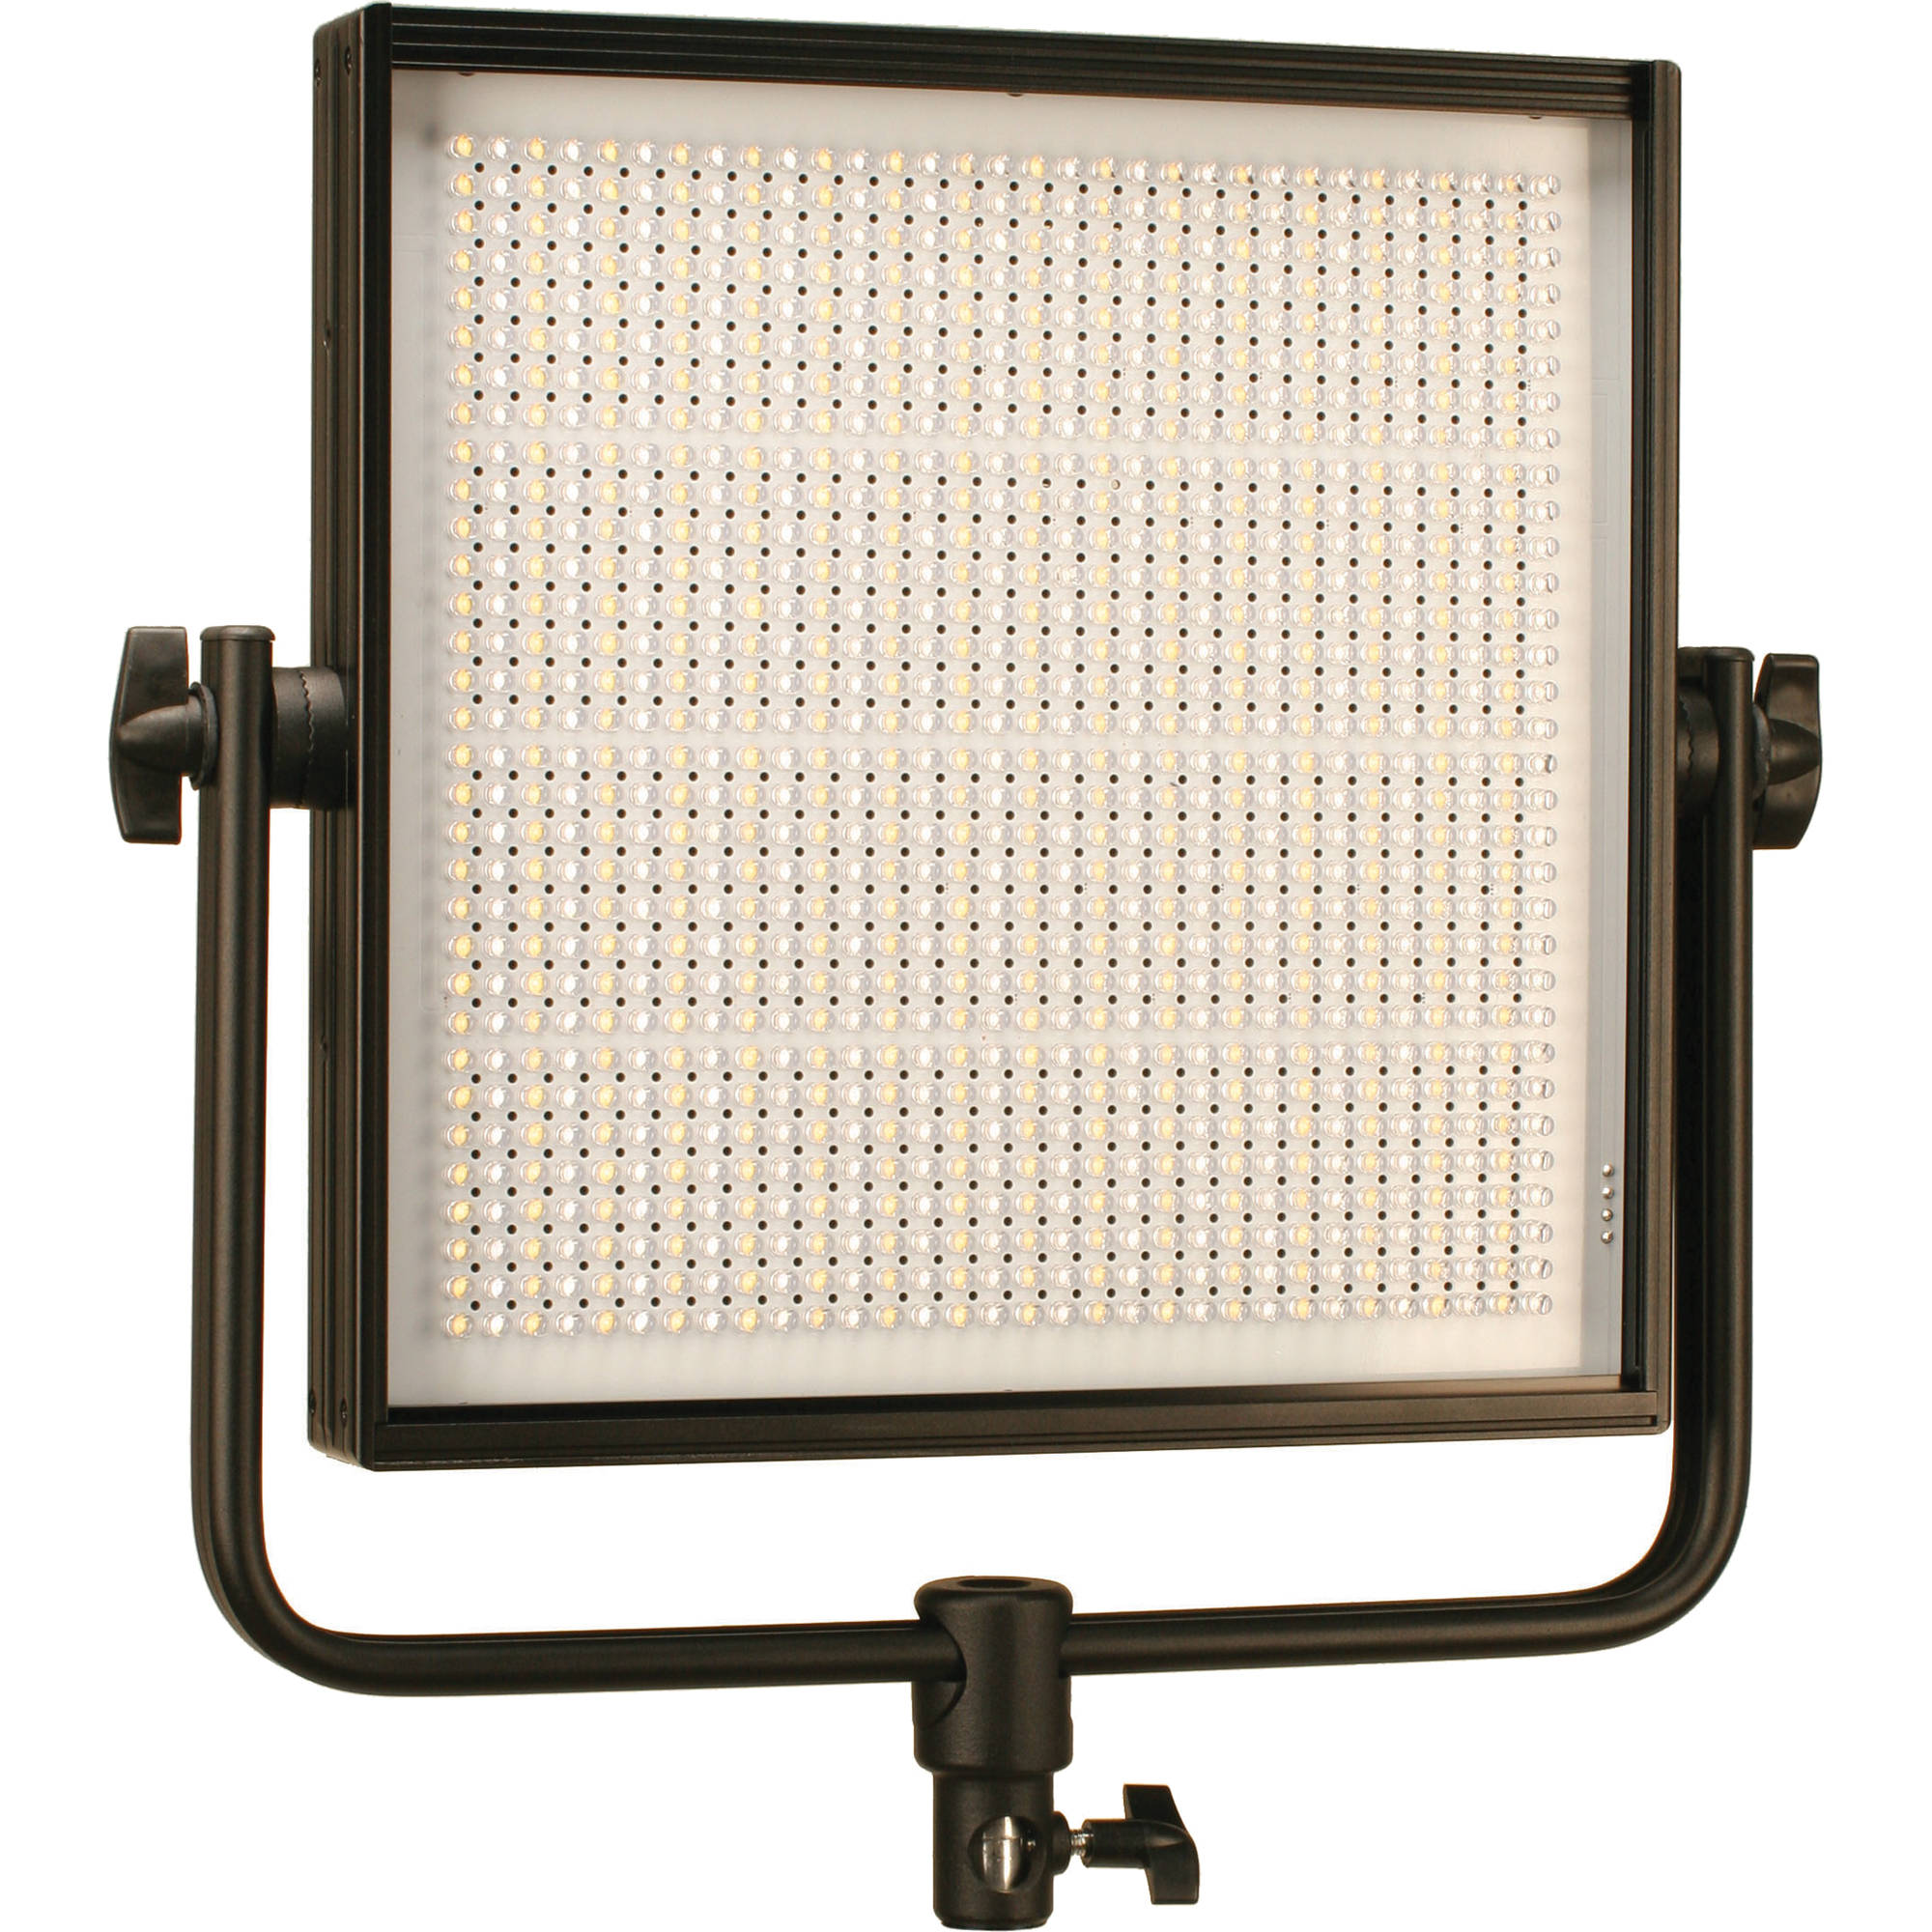 Studio Lux Lighting Design: Cool-Lux CL1000BFV Bi-Color PRO Studio LED Flood Light 950310